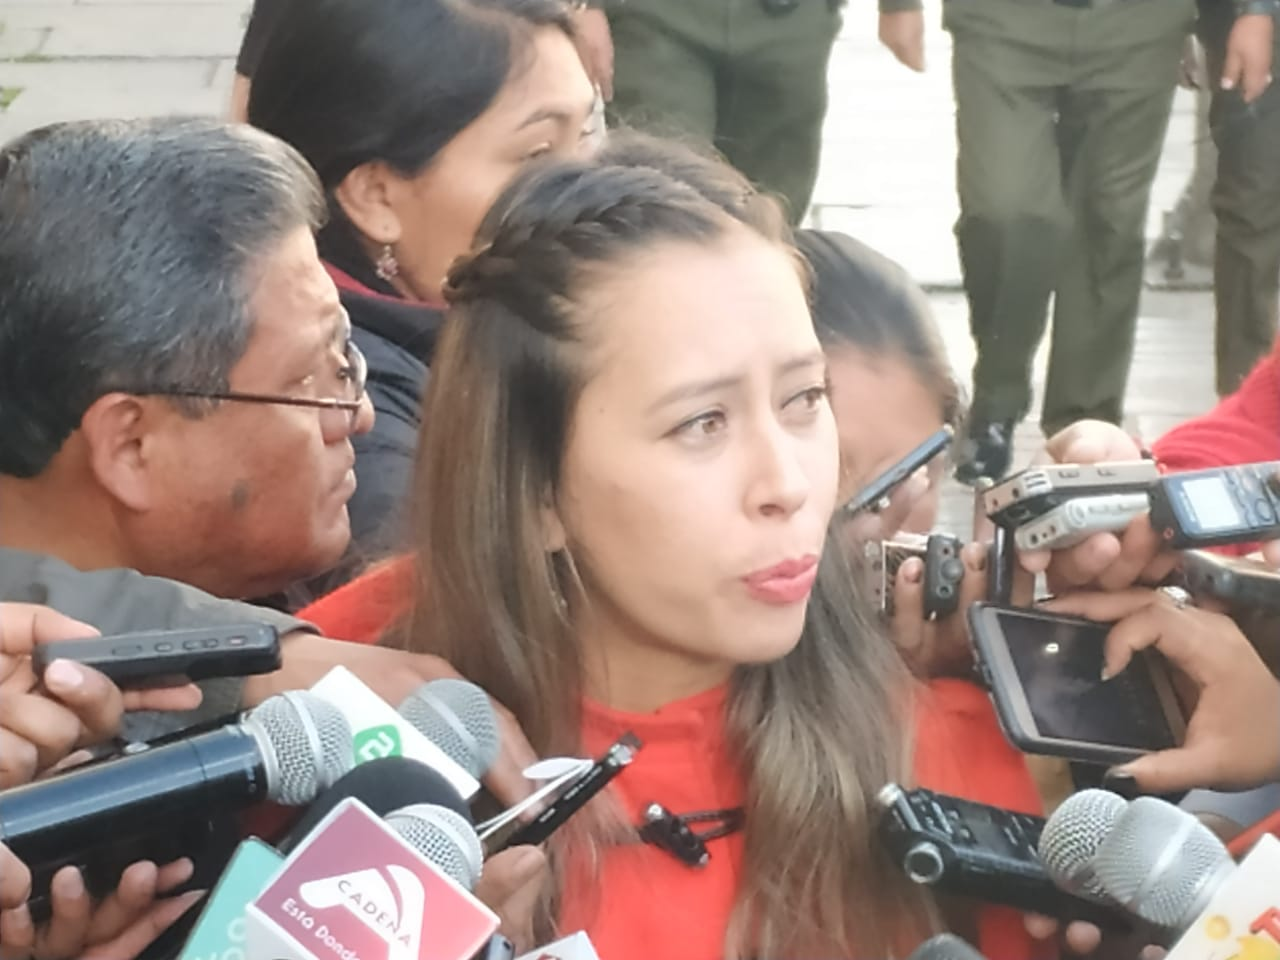 MAS y oposición exigen que el Gobernador Urquizu se disculpe por tocar impúdicamente a una mujer